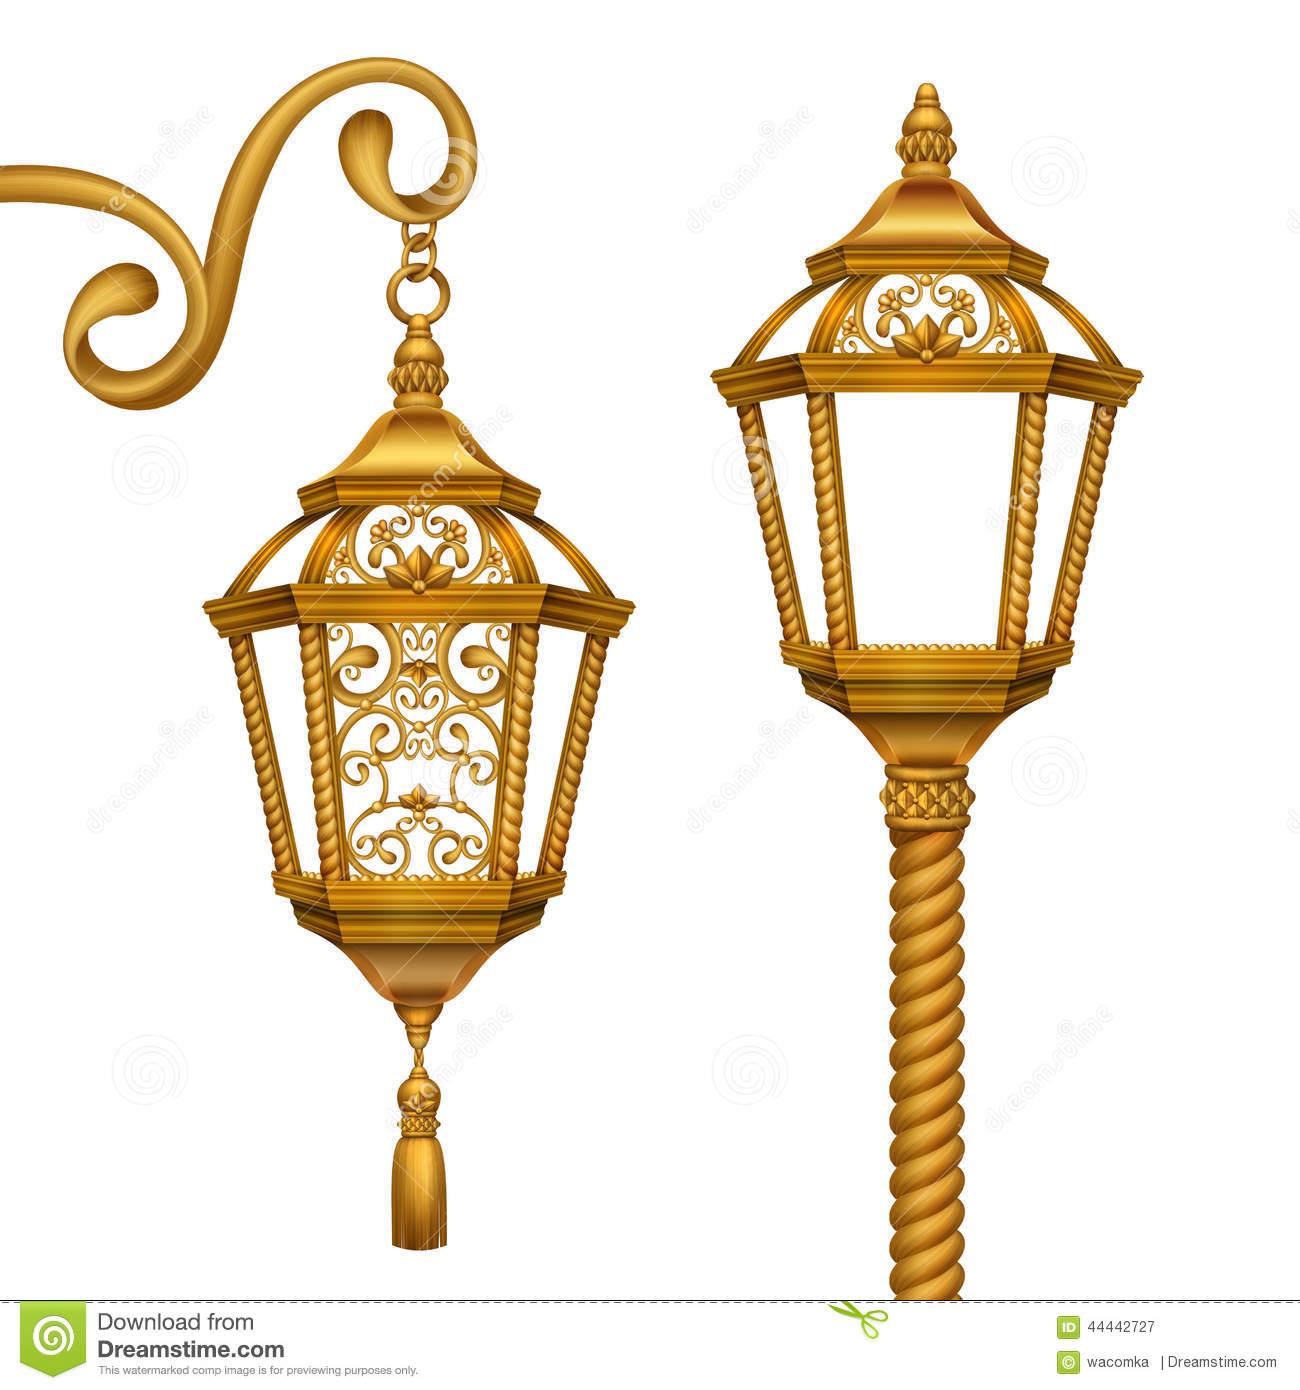 Gold Christmas Lanterns Clip Art Illustration, Vintage Design.